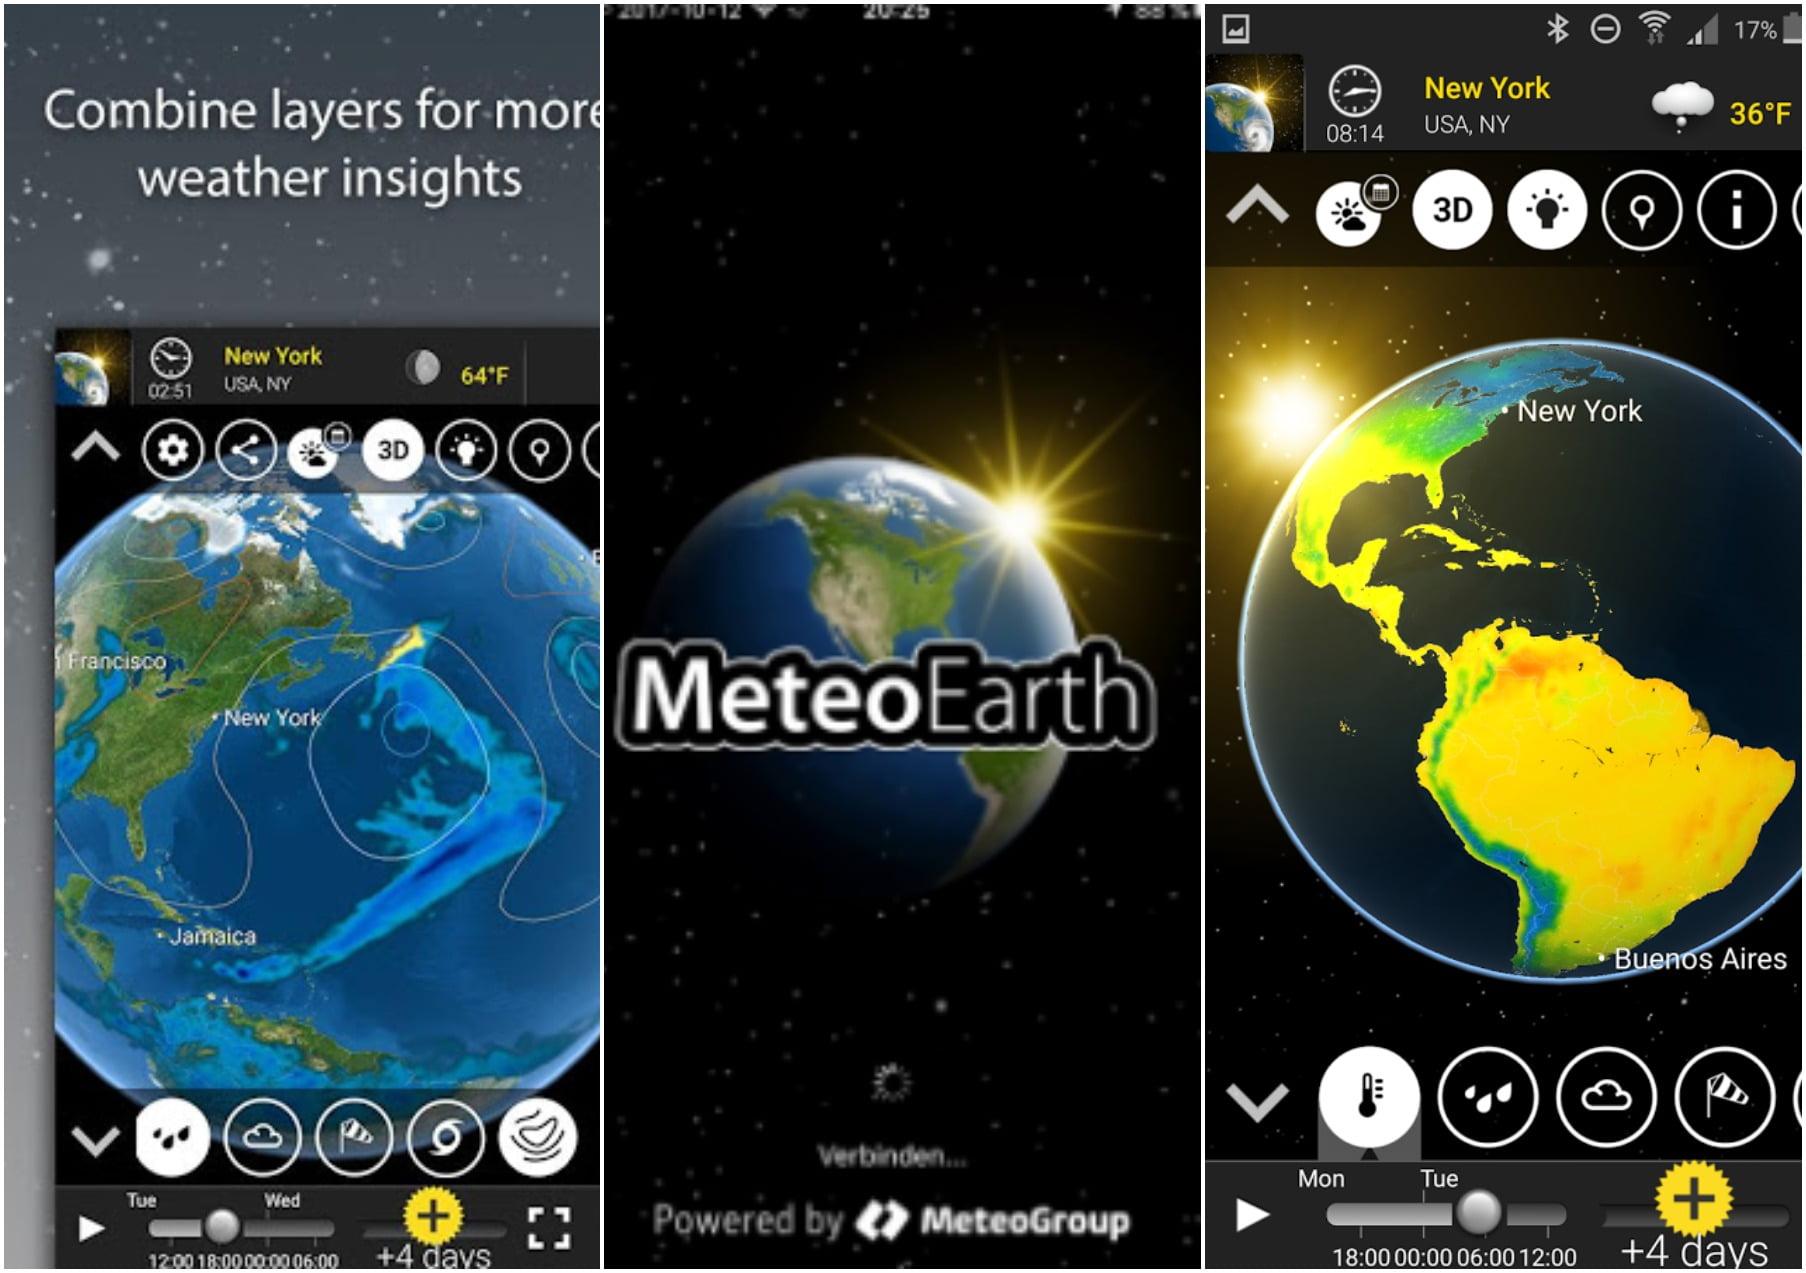 На фото изображено приложение MeteoEarth